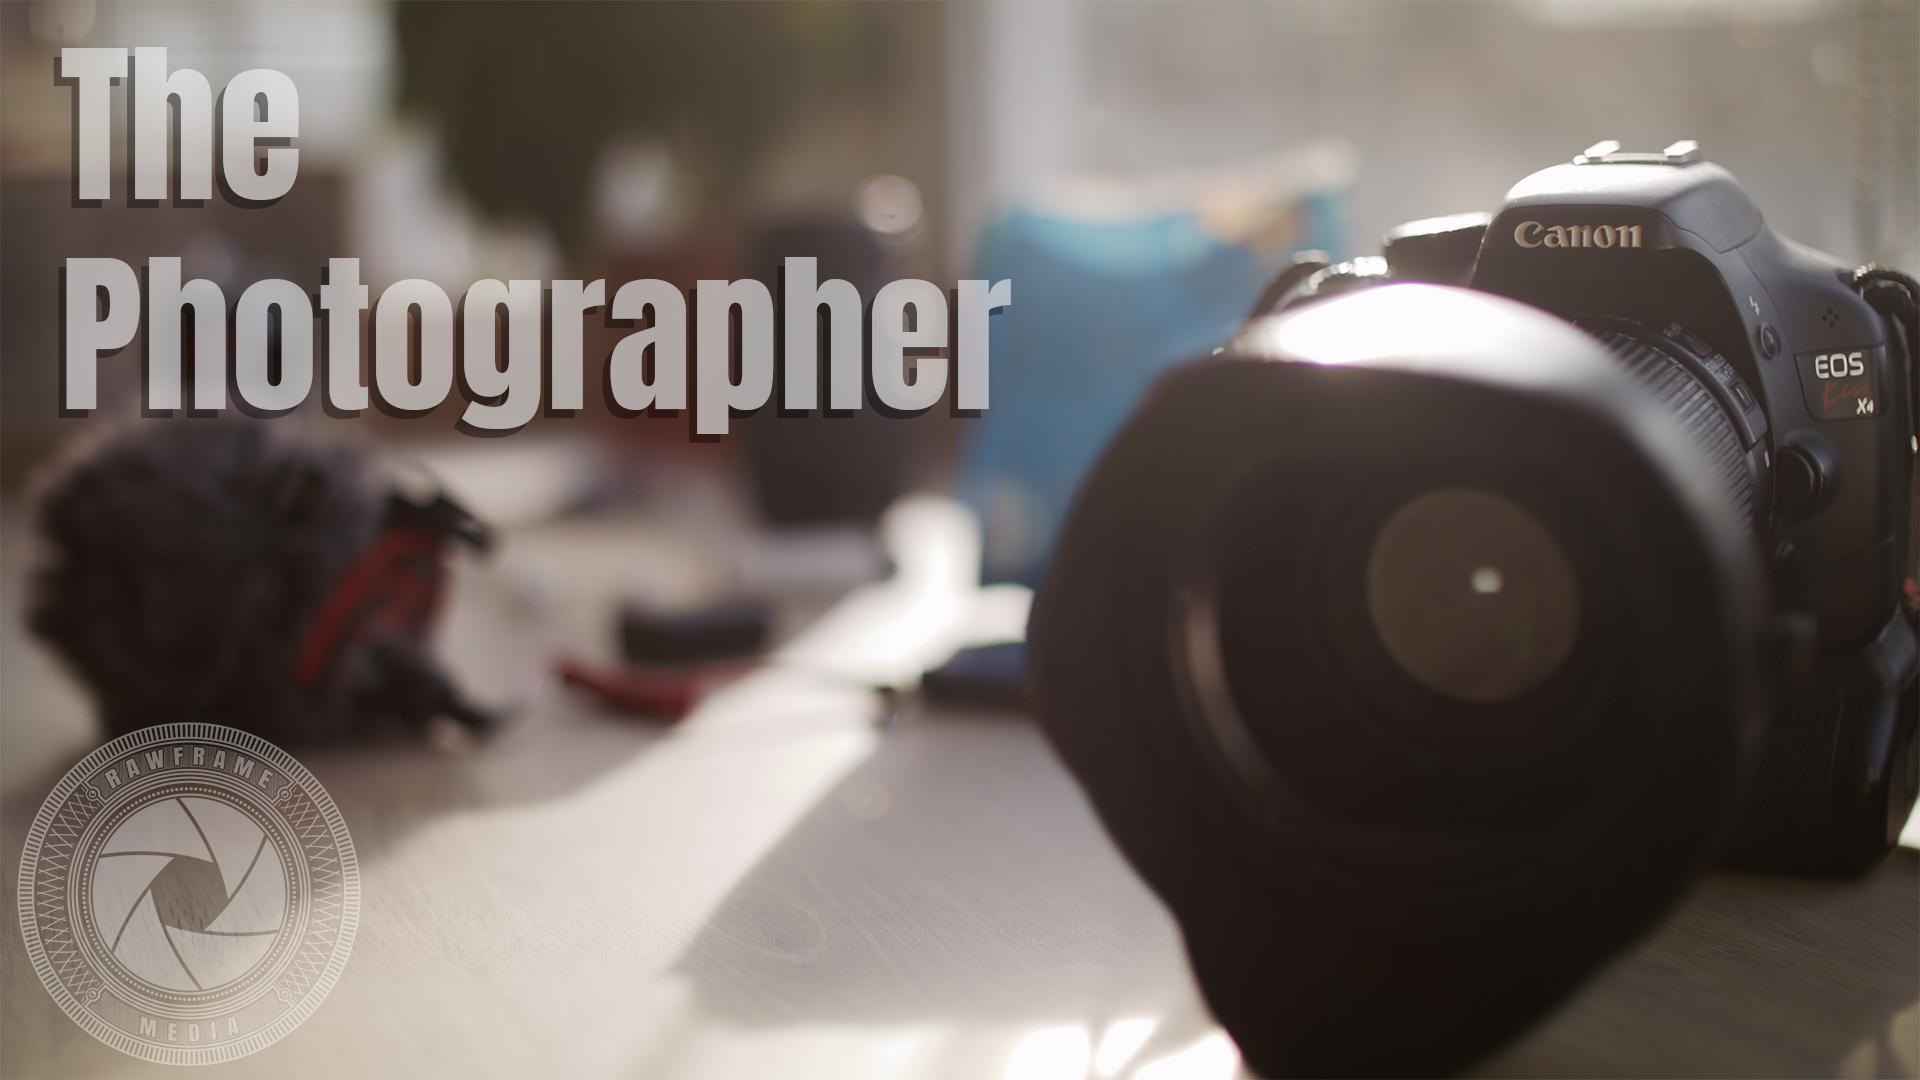 ThePhotographer Short Film My RØDE Reel 2020